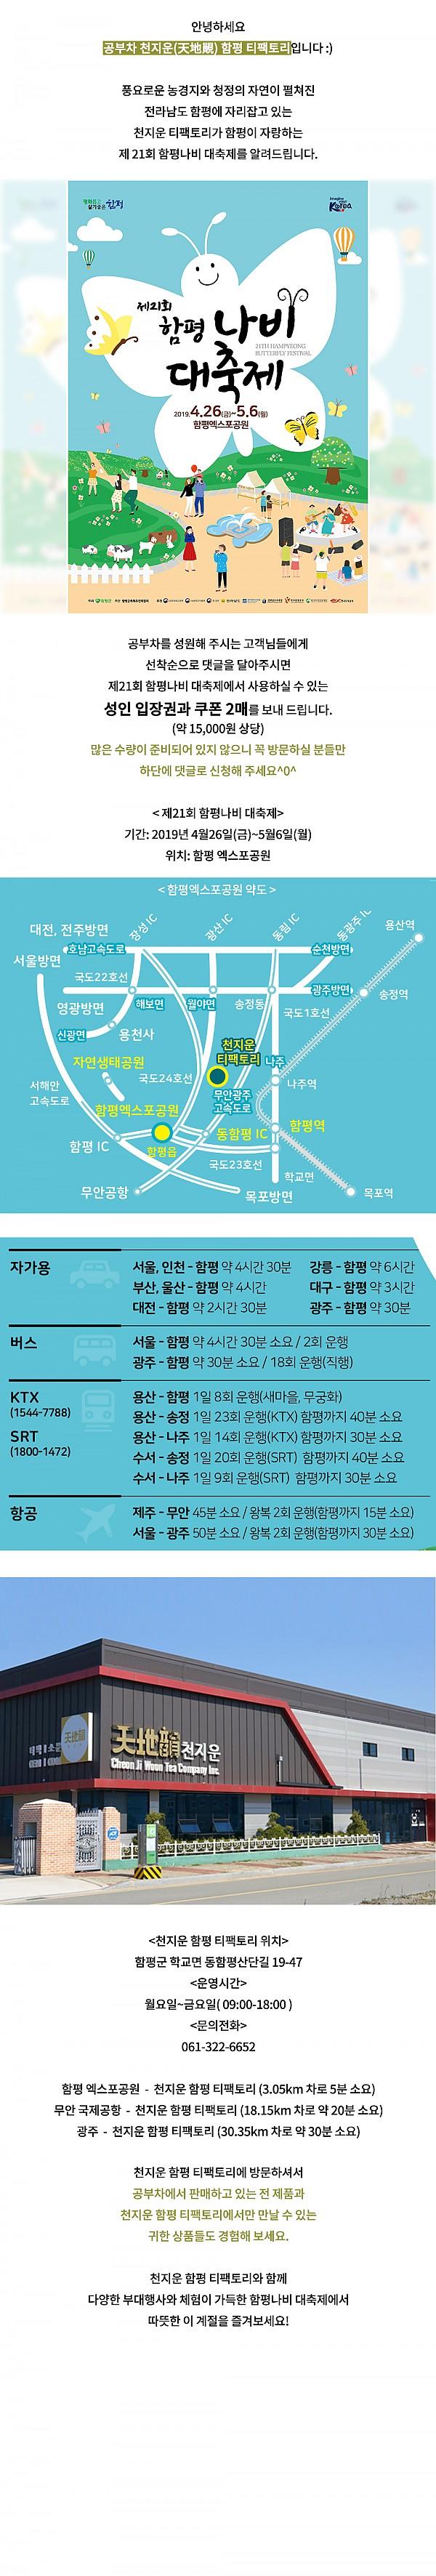 함평나비축제 홍보.jpg